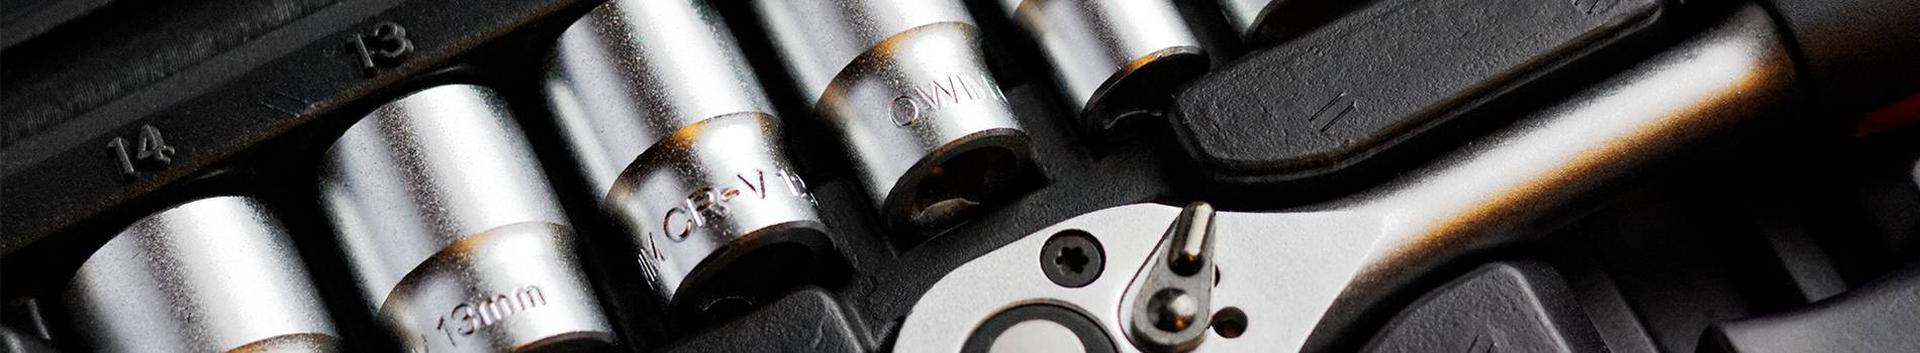 33191_muude-seadmete-remont_14366634_xl.jpg